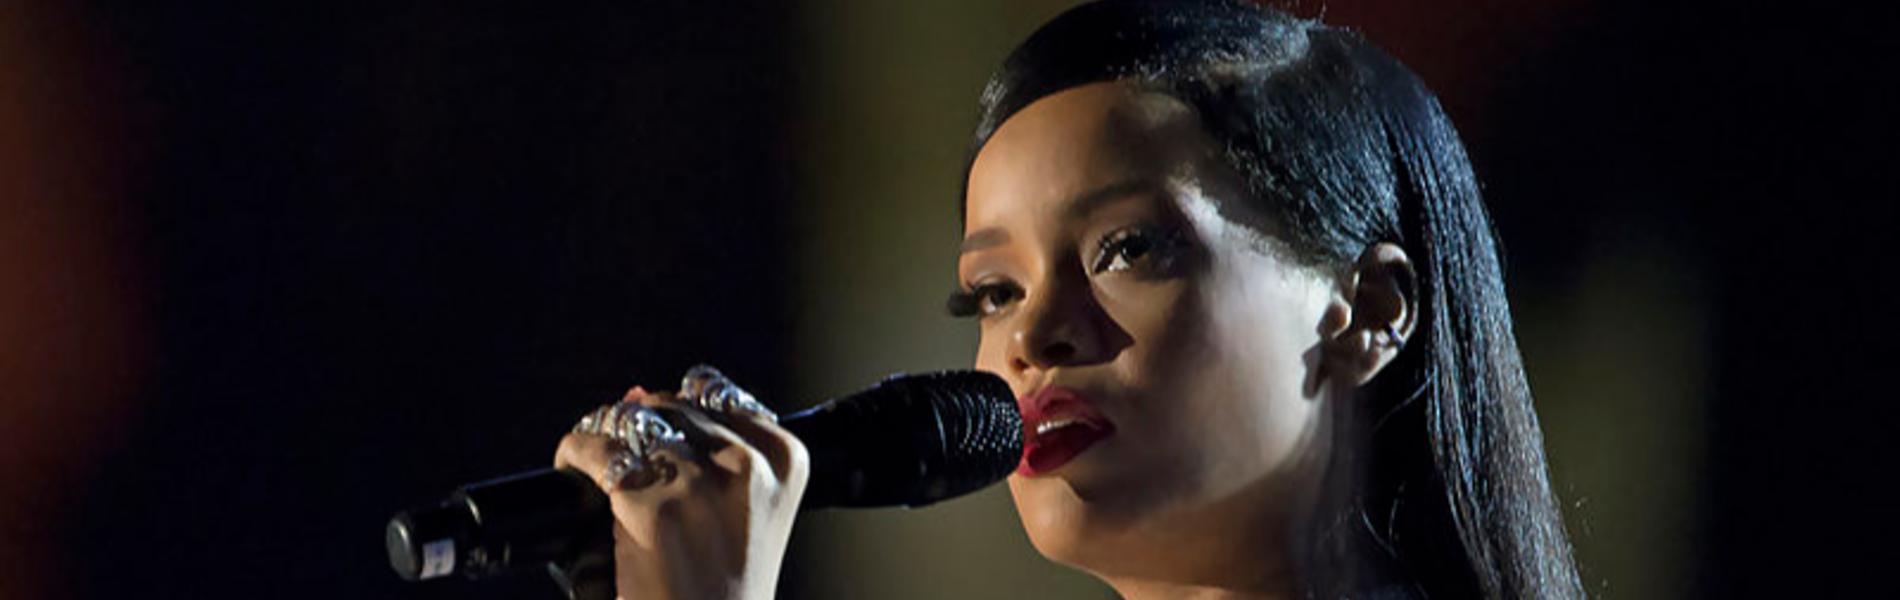 """אפקט ריהאנה: הונו של מנכ""""ל Snapchat צנח תוך יומיים ב-150 מיליון דולר"""